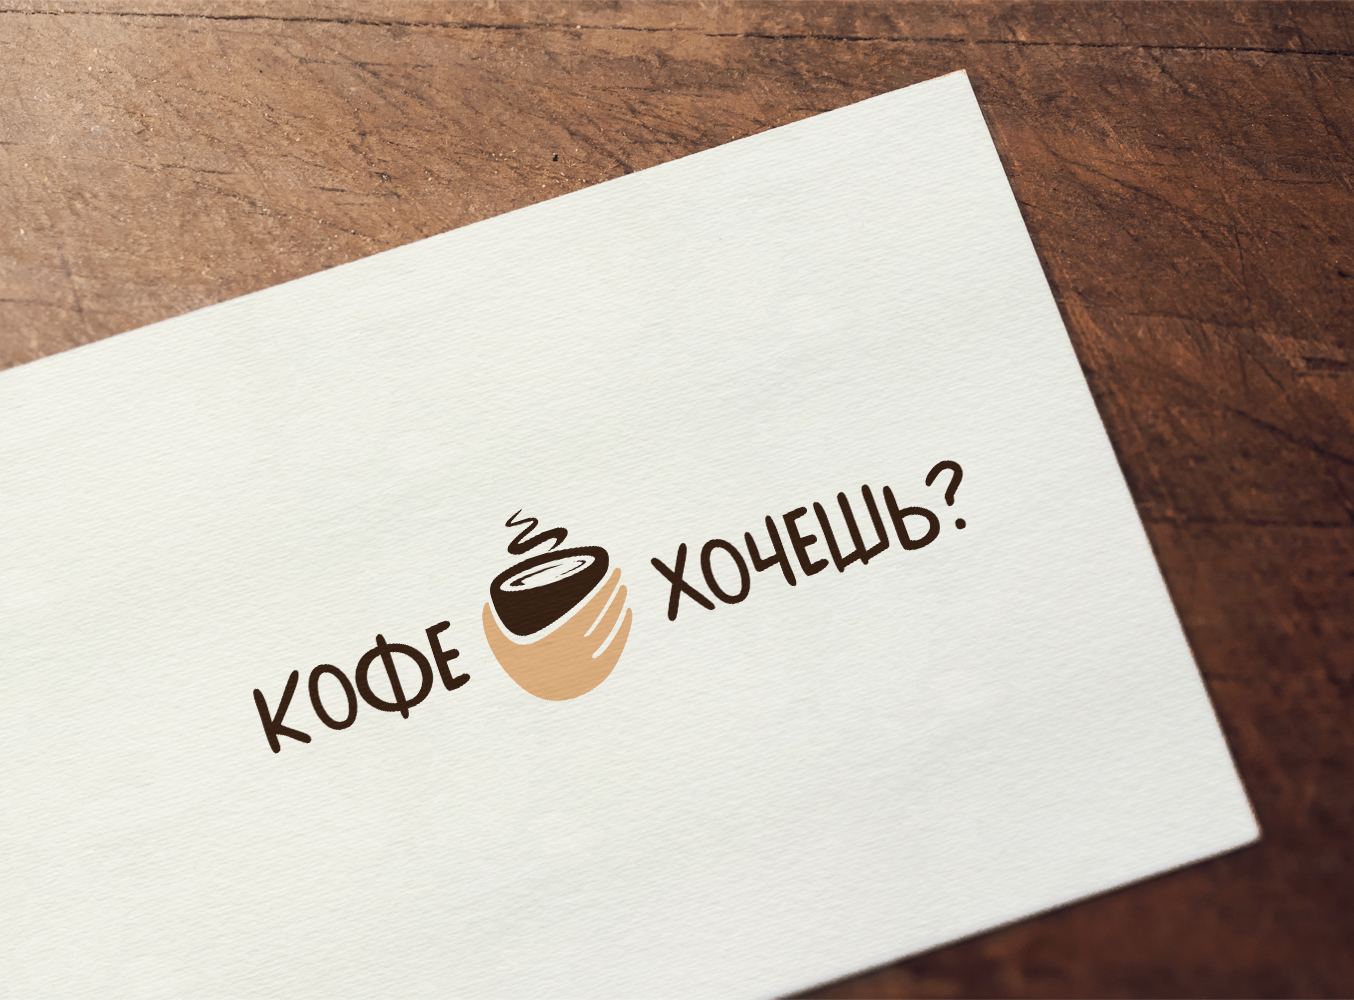 """Отрисовка логотипа кофейни """"Кофе хочешь?"""""""